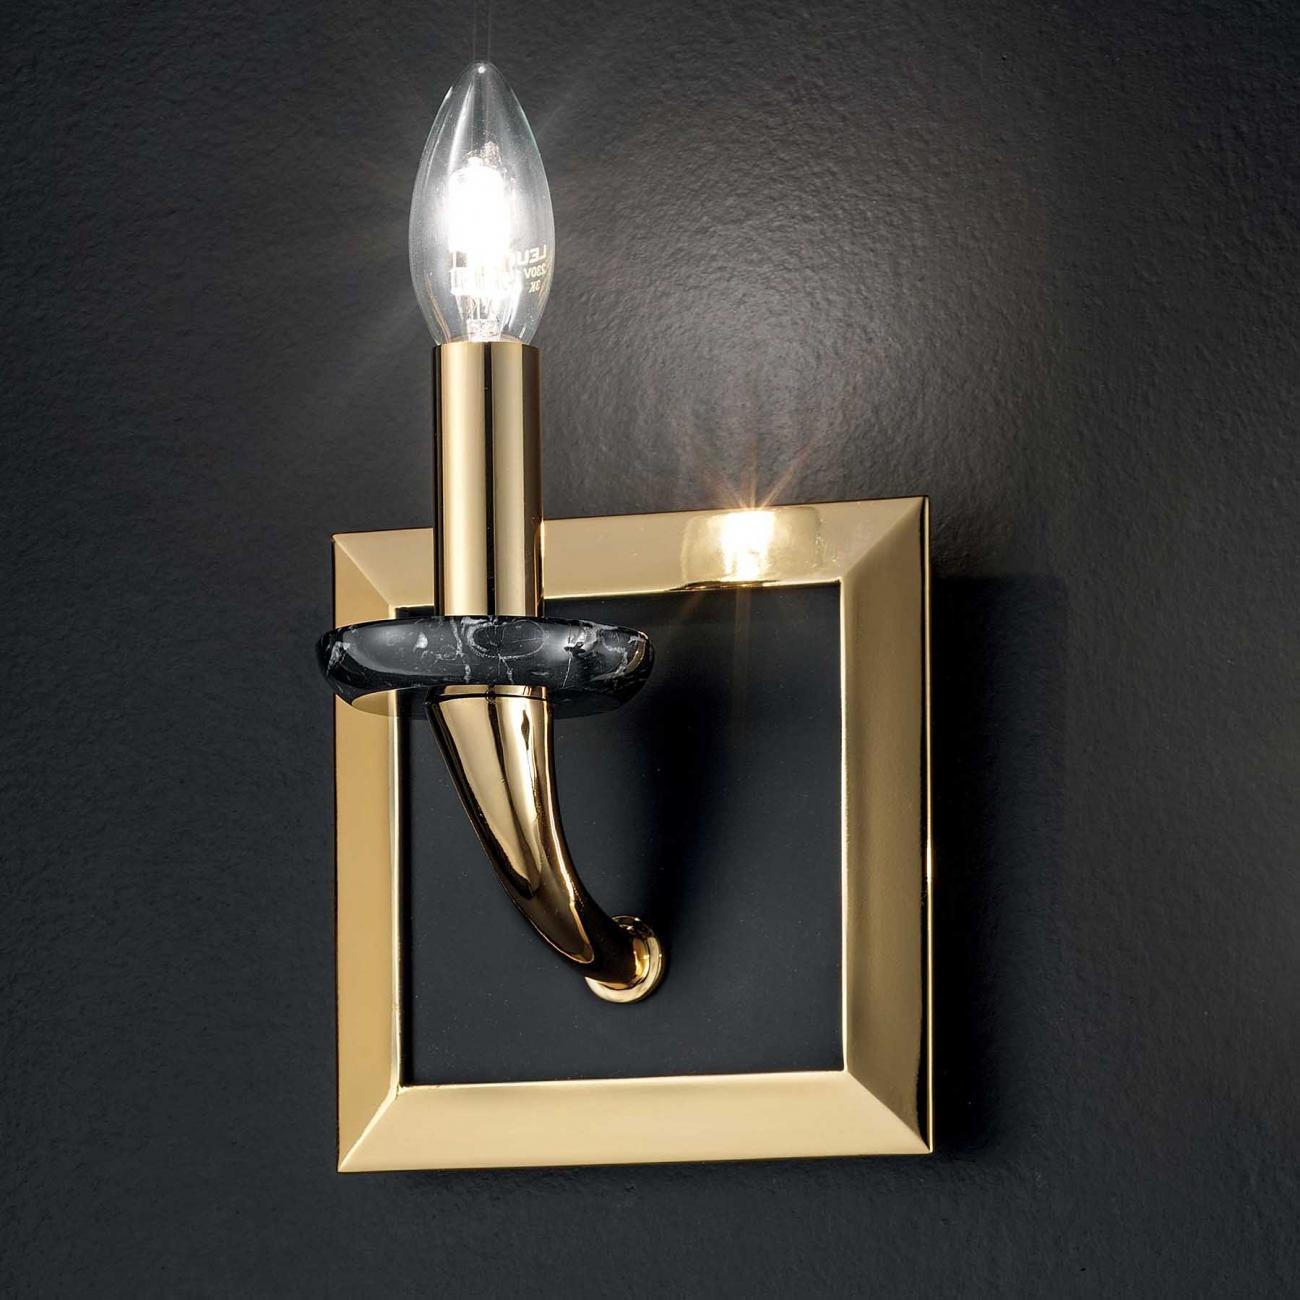 Masiero Atelier Brass & Spots wall-mounted lamp